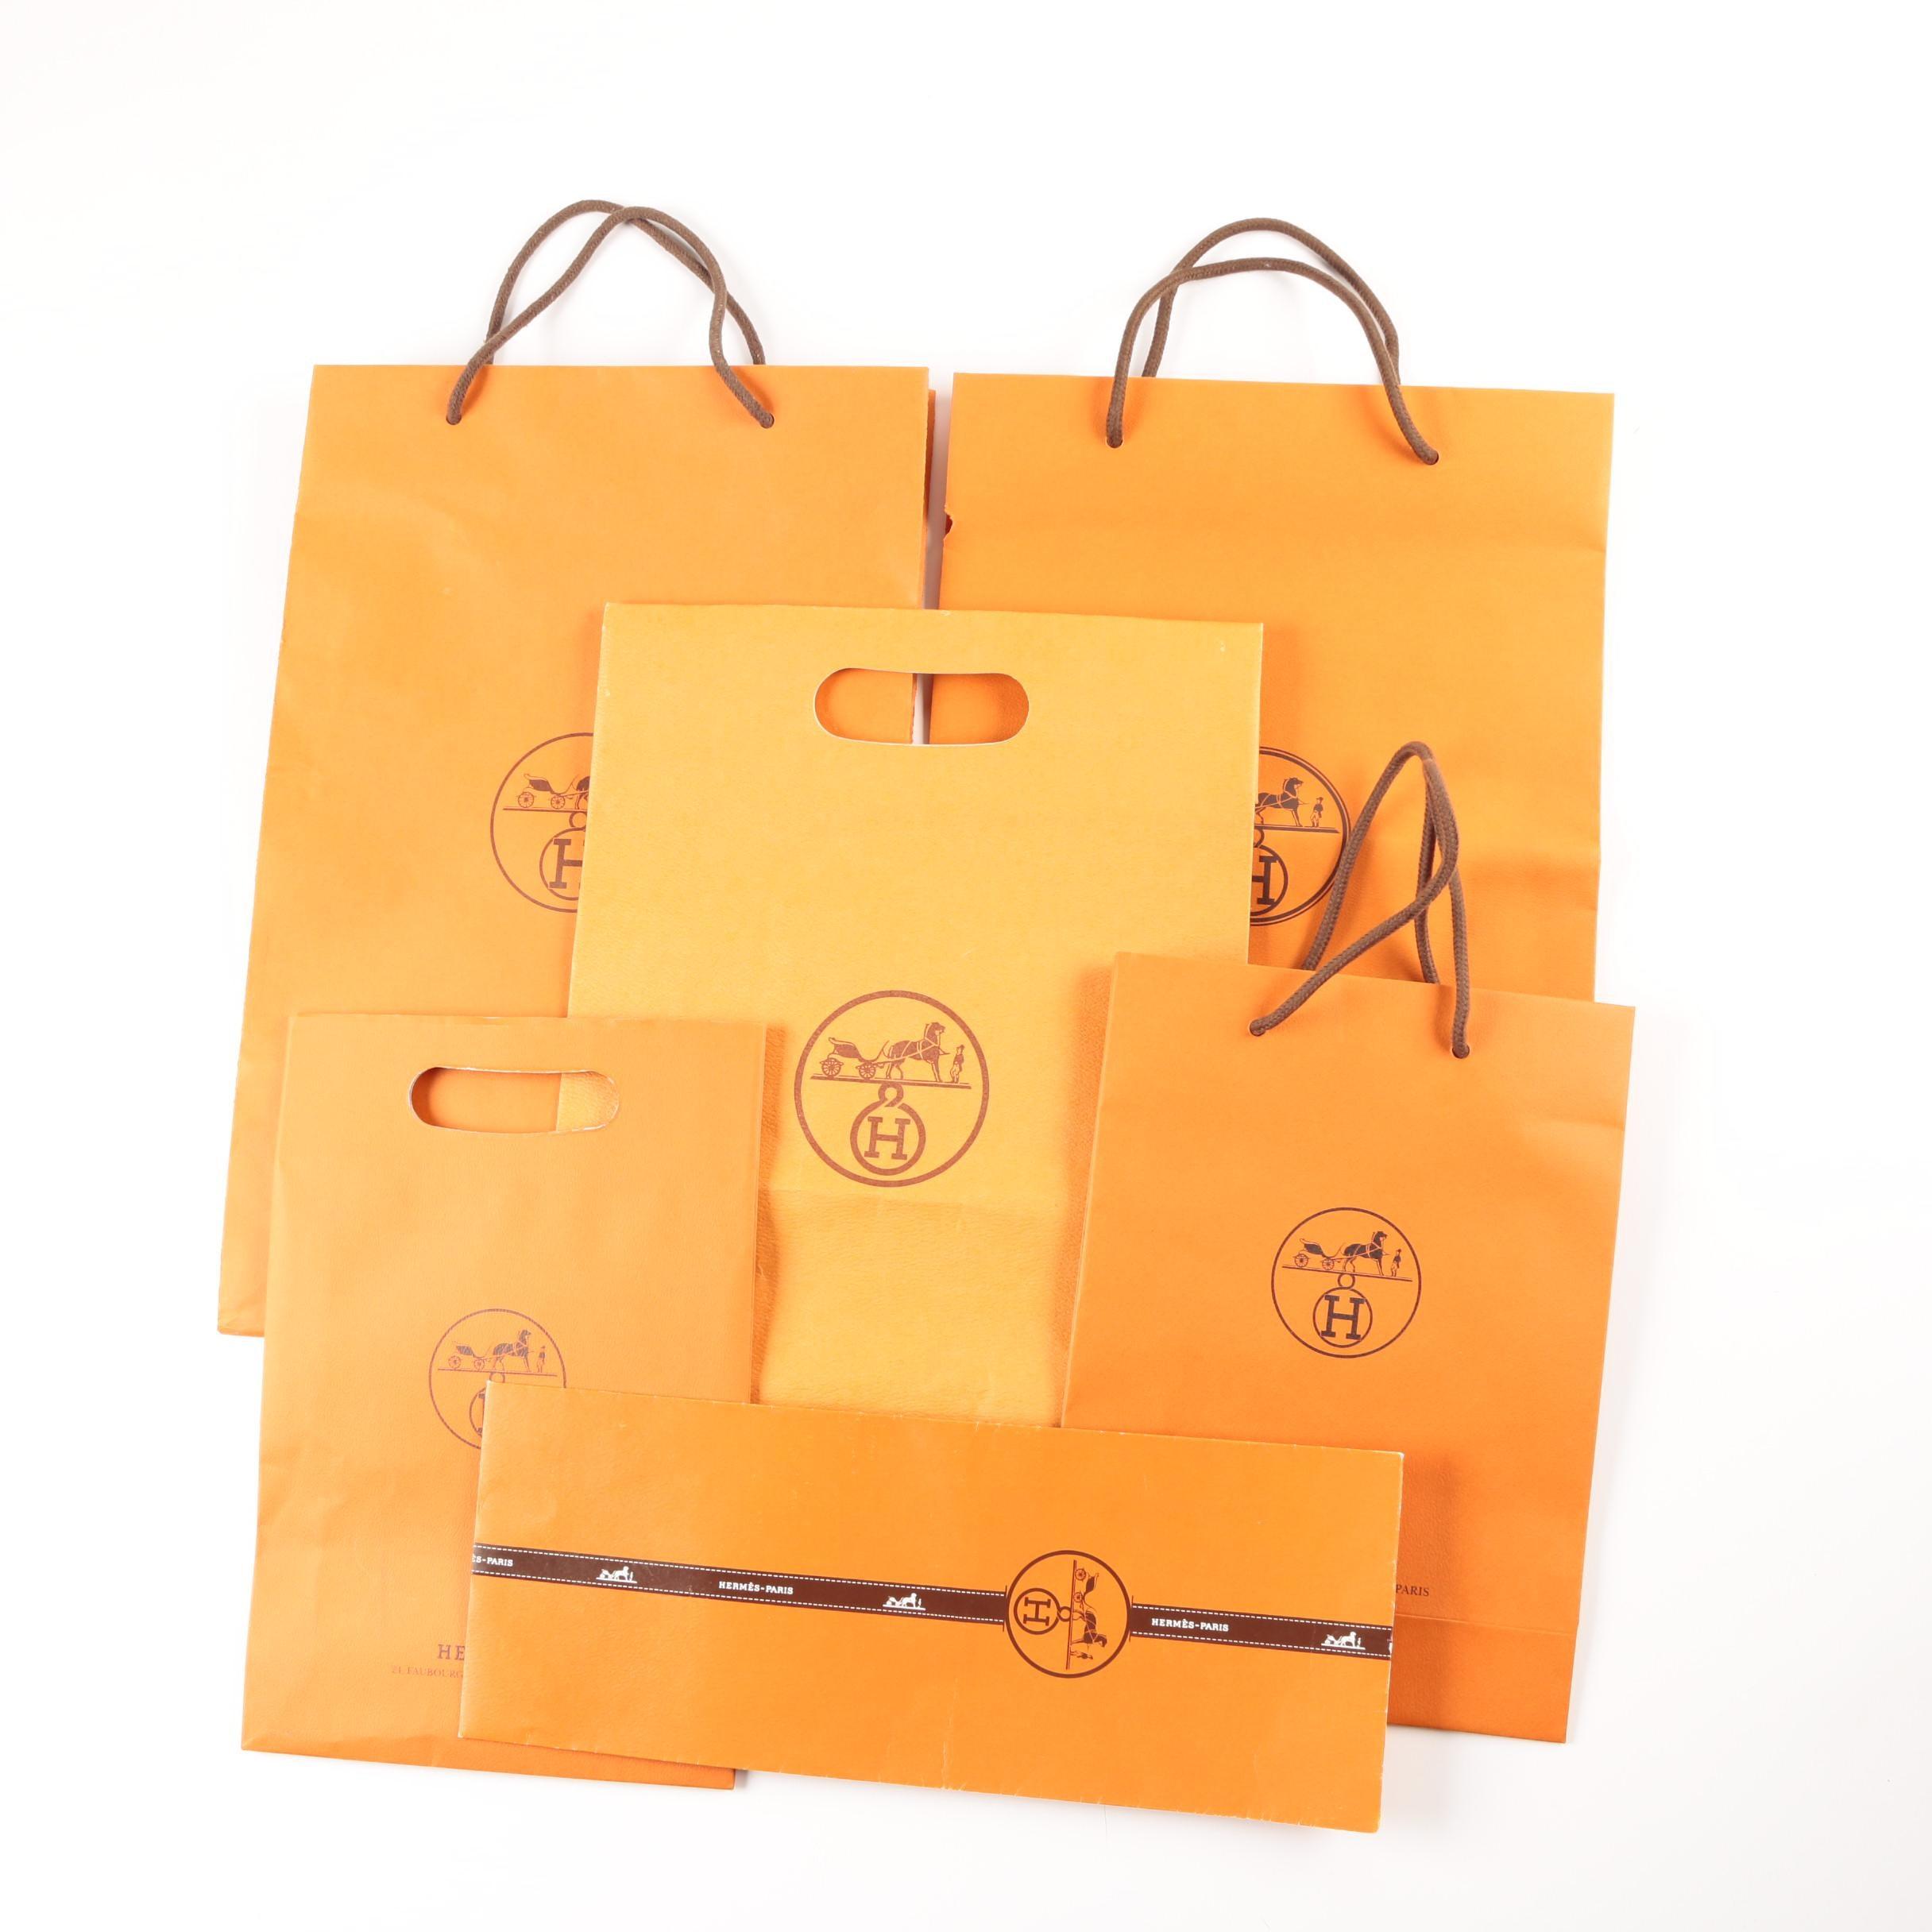 Hermès Shopping Bags